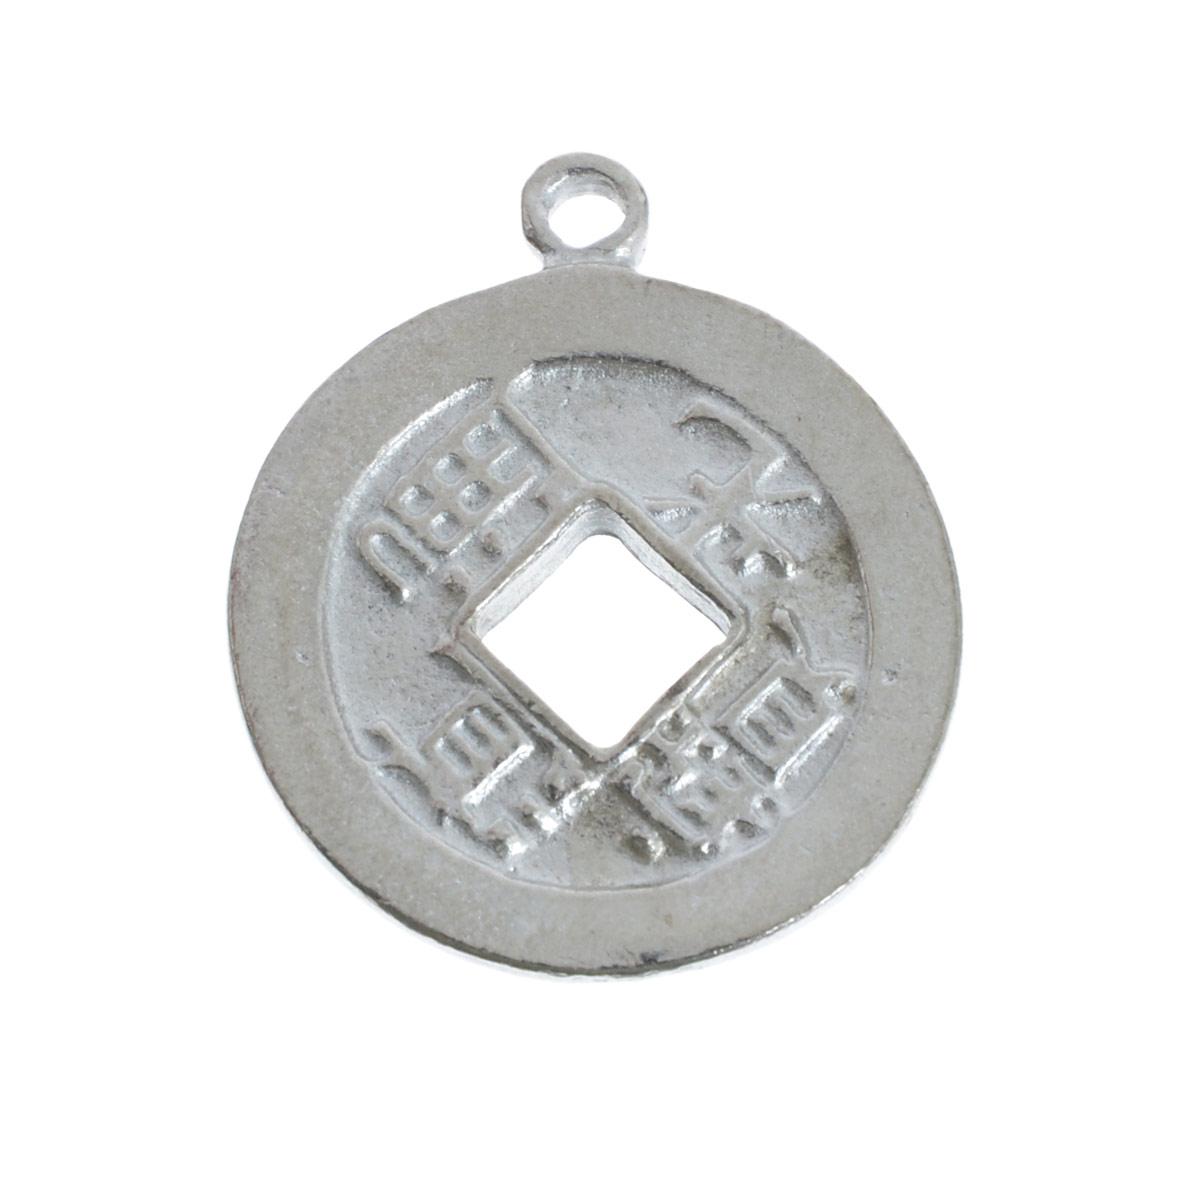 Металлическая подвеска Vintaj Денежный Талисман, диаметр 2,1 смPT002RRПодвеска Vintaj Денежный Талисман выполнена из металла в виде монеты, приносящей удачу. Используется для изготовления украшений. Сделает ваш аксессуар неповторимым. Также может использоваться для украшения альбома, открыток, блокнотов, закладок, подарков. Изготовление украшений - занимательное хобби и реализация творческих способностей рукодельницы. Радуйте себя и своих близких украшениями, сделанными своими руками! Диаметр подвески: 21 мм.